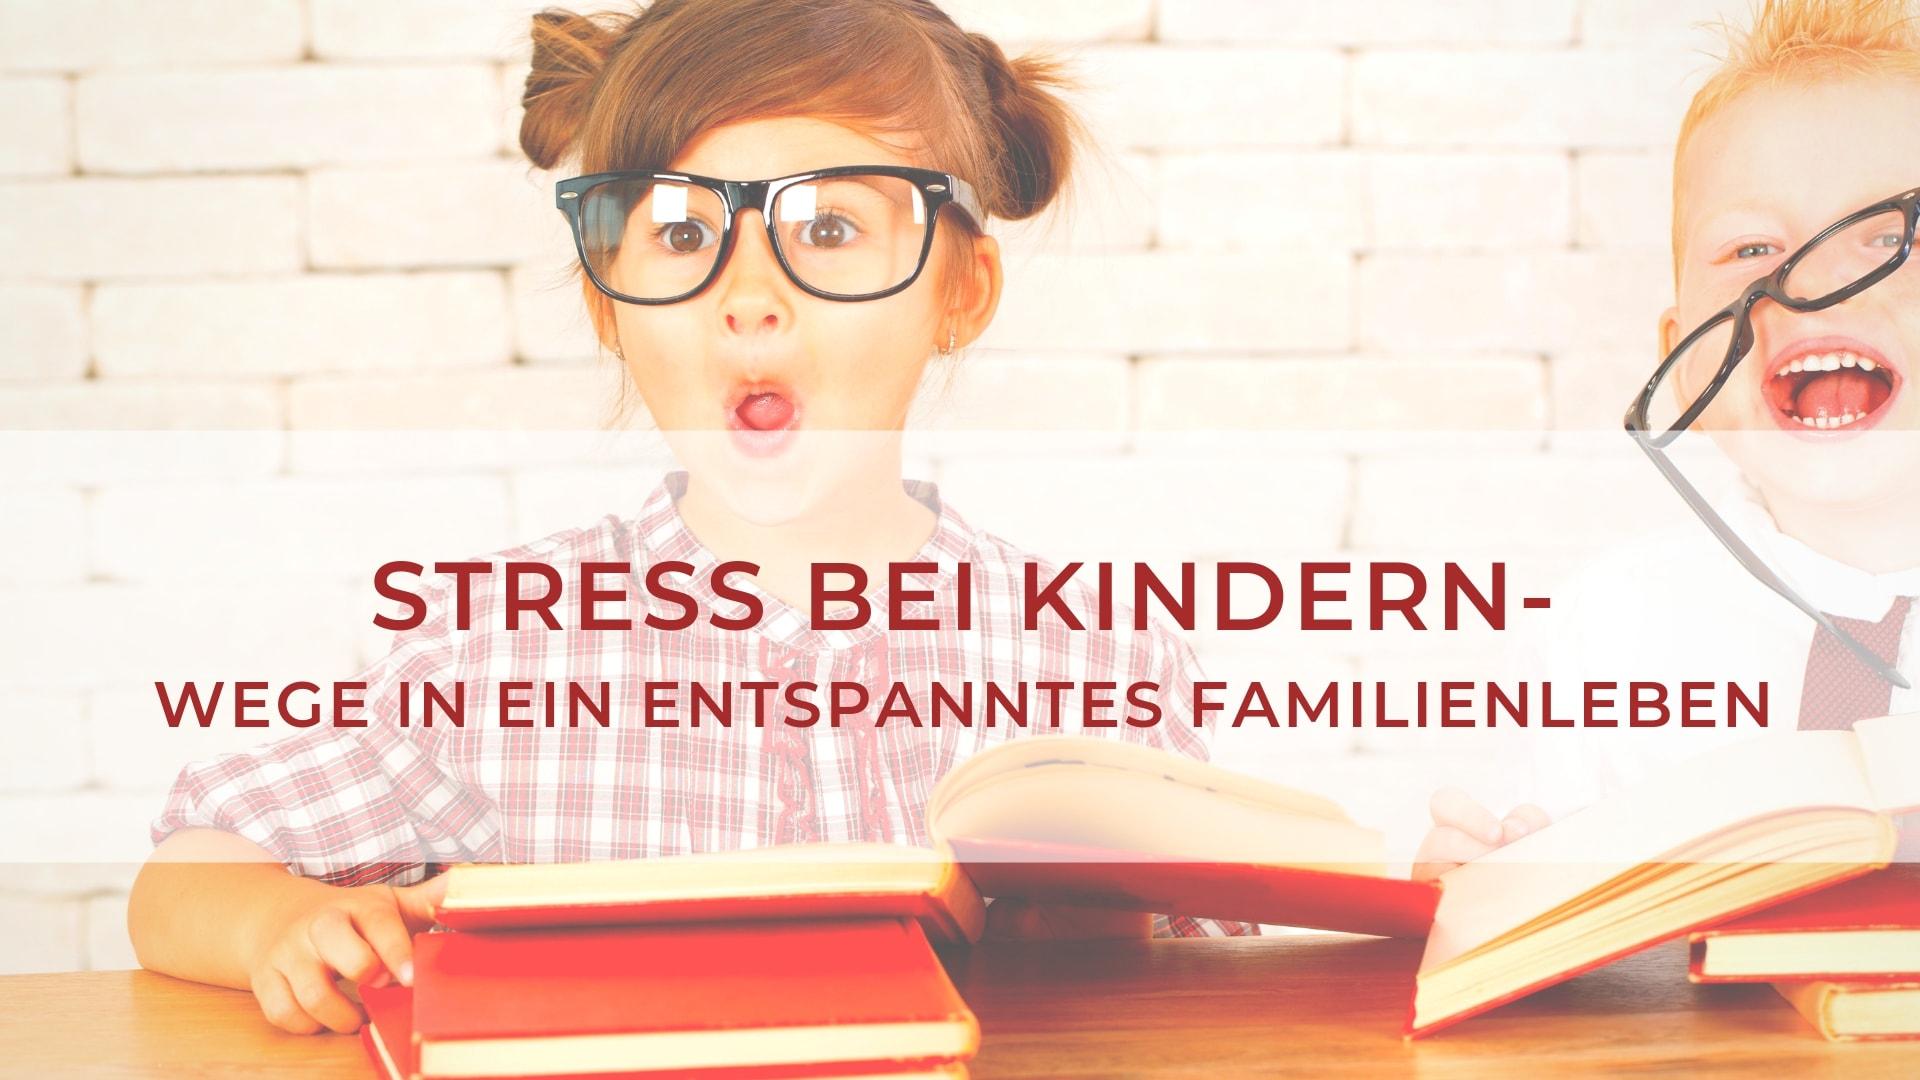 Kinder Stress entspanntes Familienleben